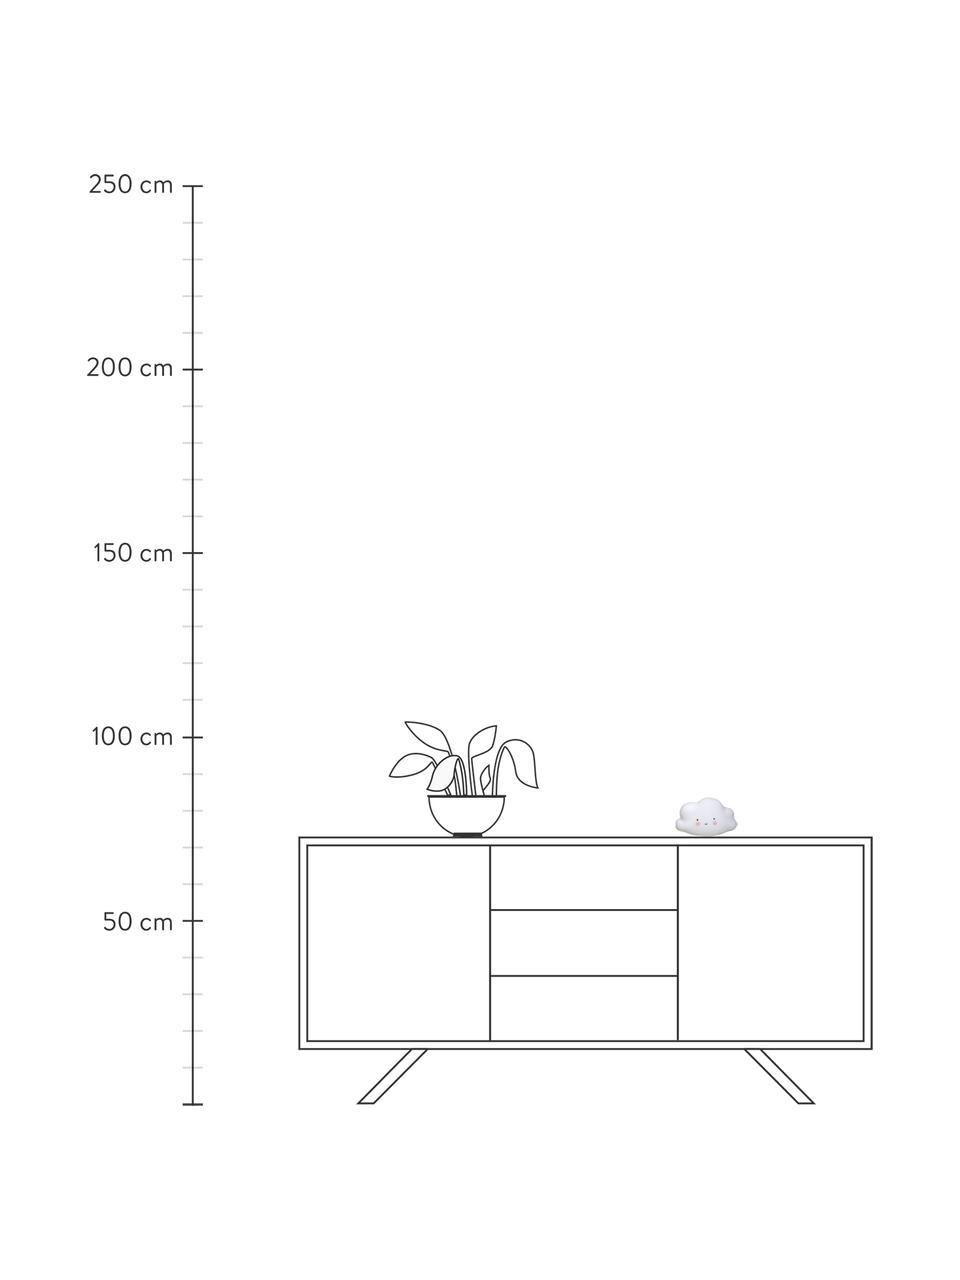 Kleines LED-Leuchtobjekt Cloud mit Timer, Kunststoff, BPA- und Bleifrei, Weiß, Rosa, Schwarz, 17 x 10 cm